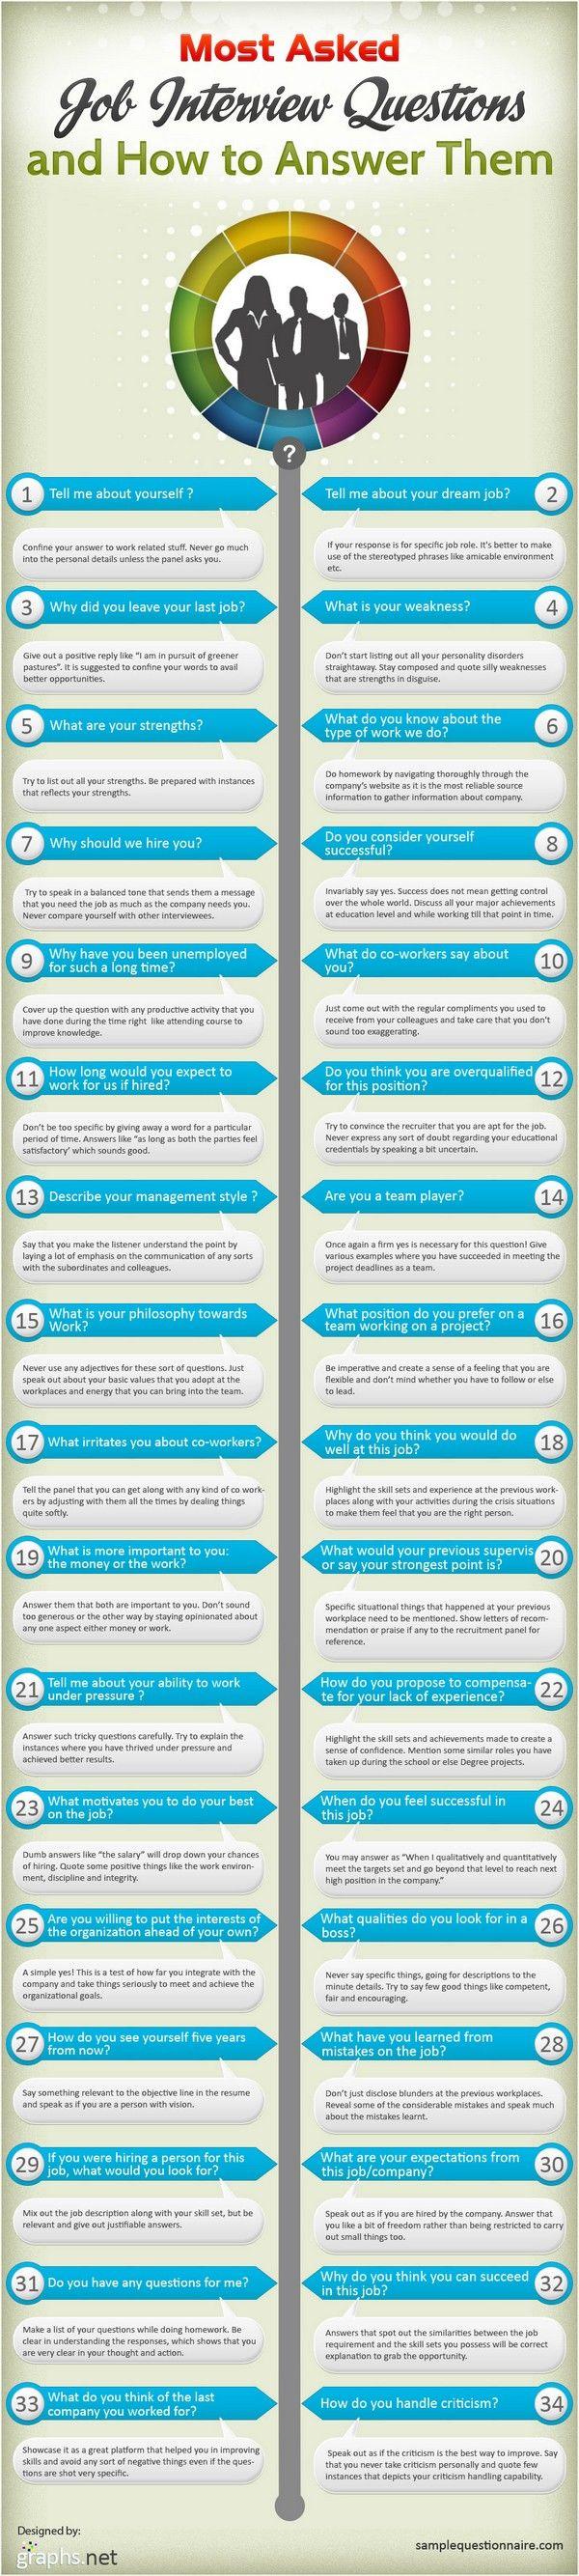 Les 34 questions les plus courantes en entretien d'embauche